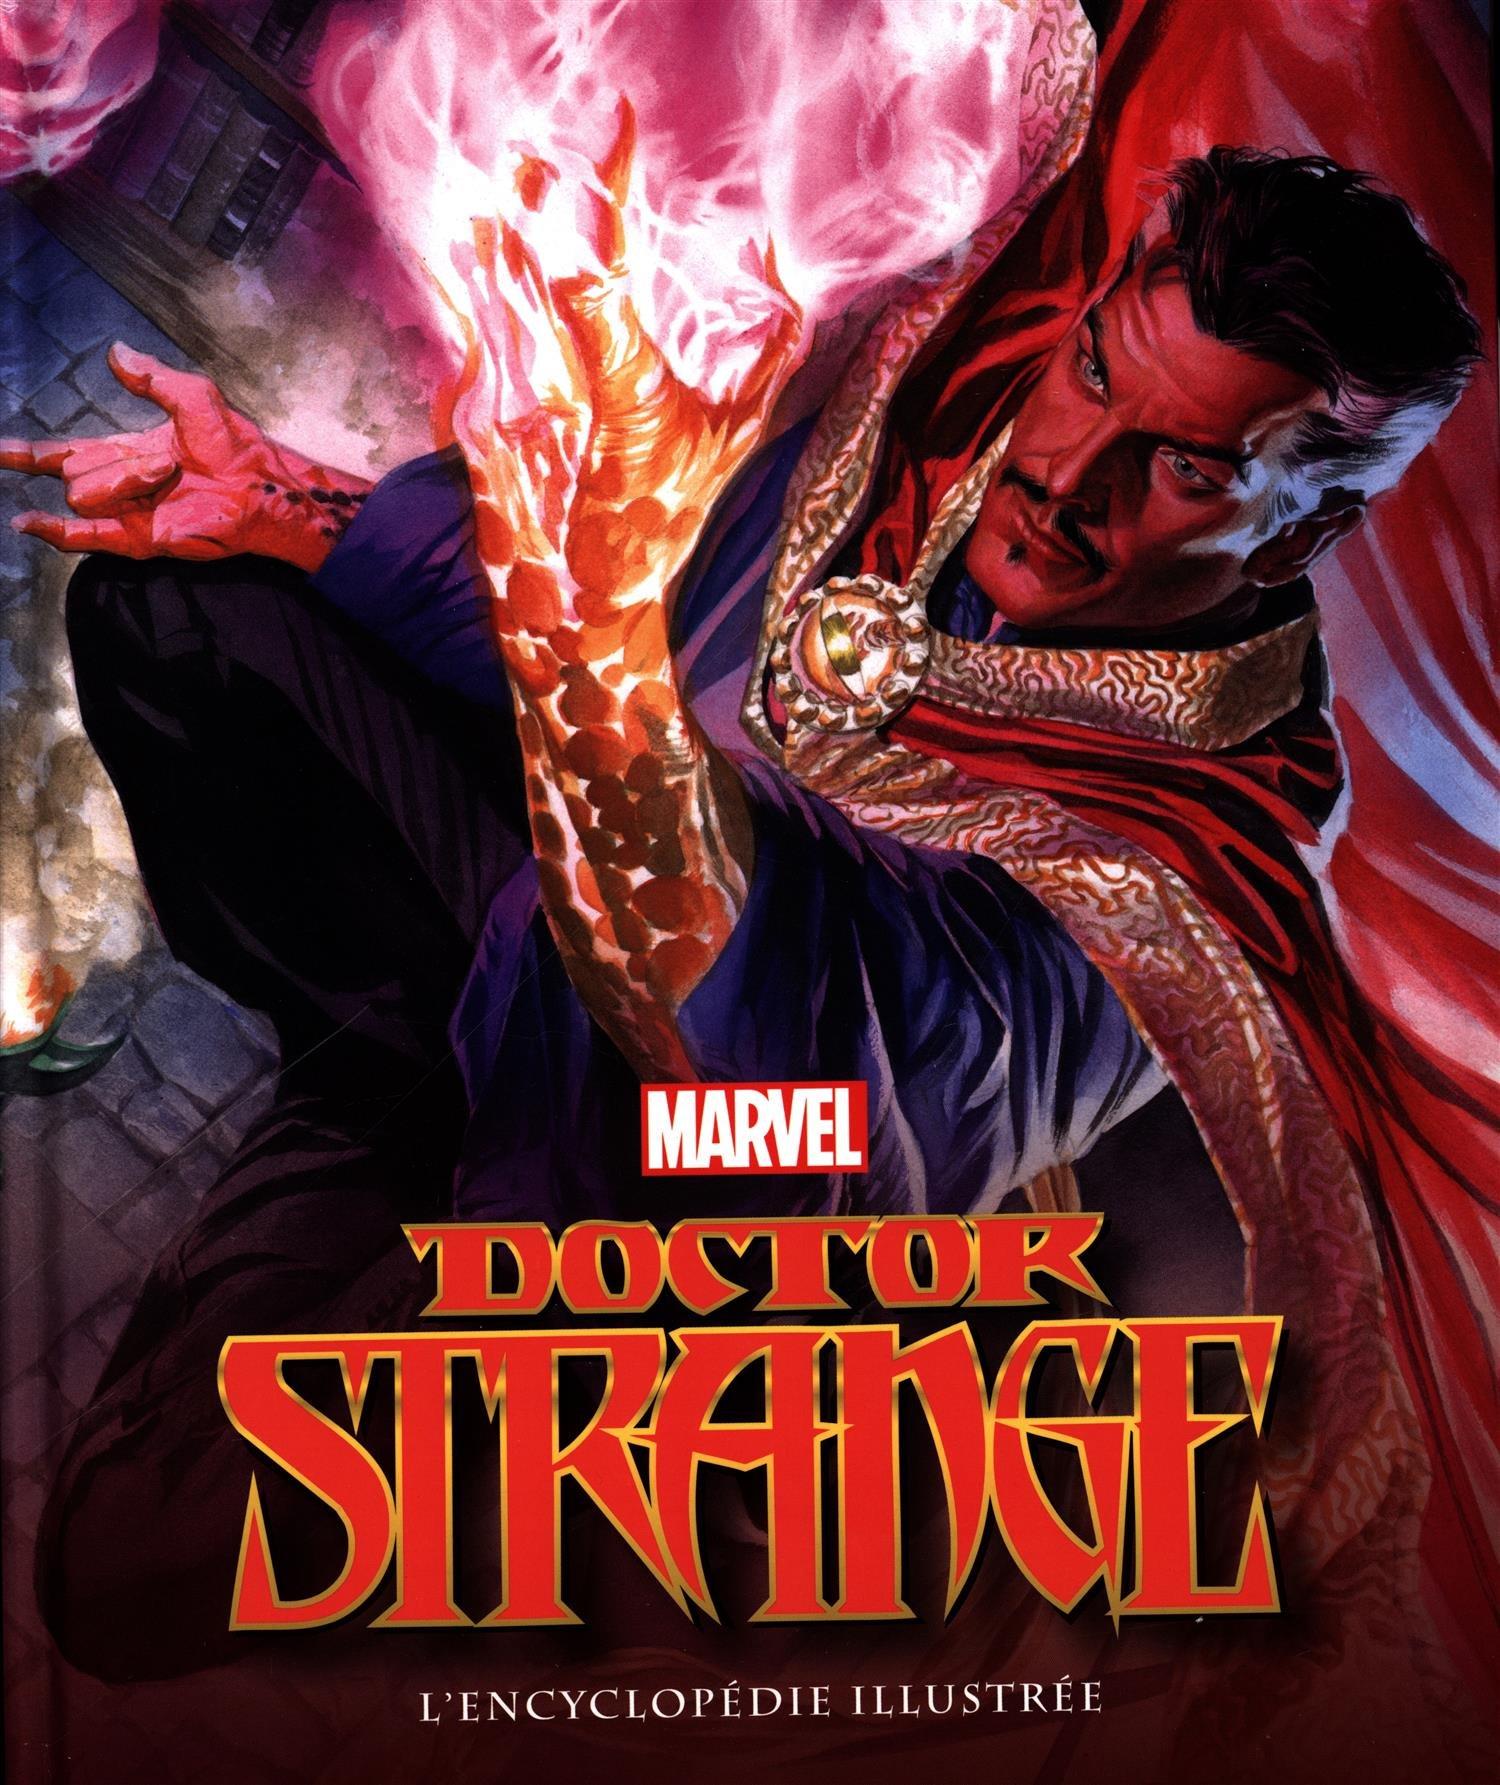 Doctor Strange, l'Encyclopédie illustrée 1 - Docteur Strange, l'encyclopédie illustrée